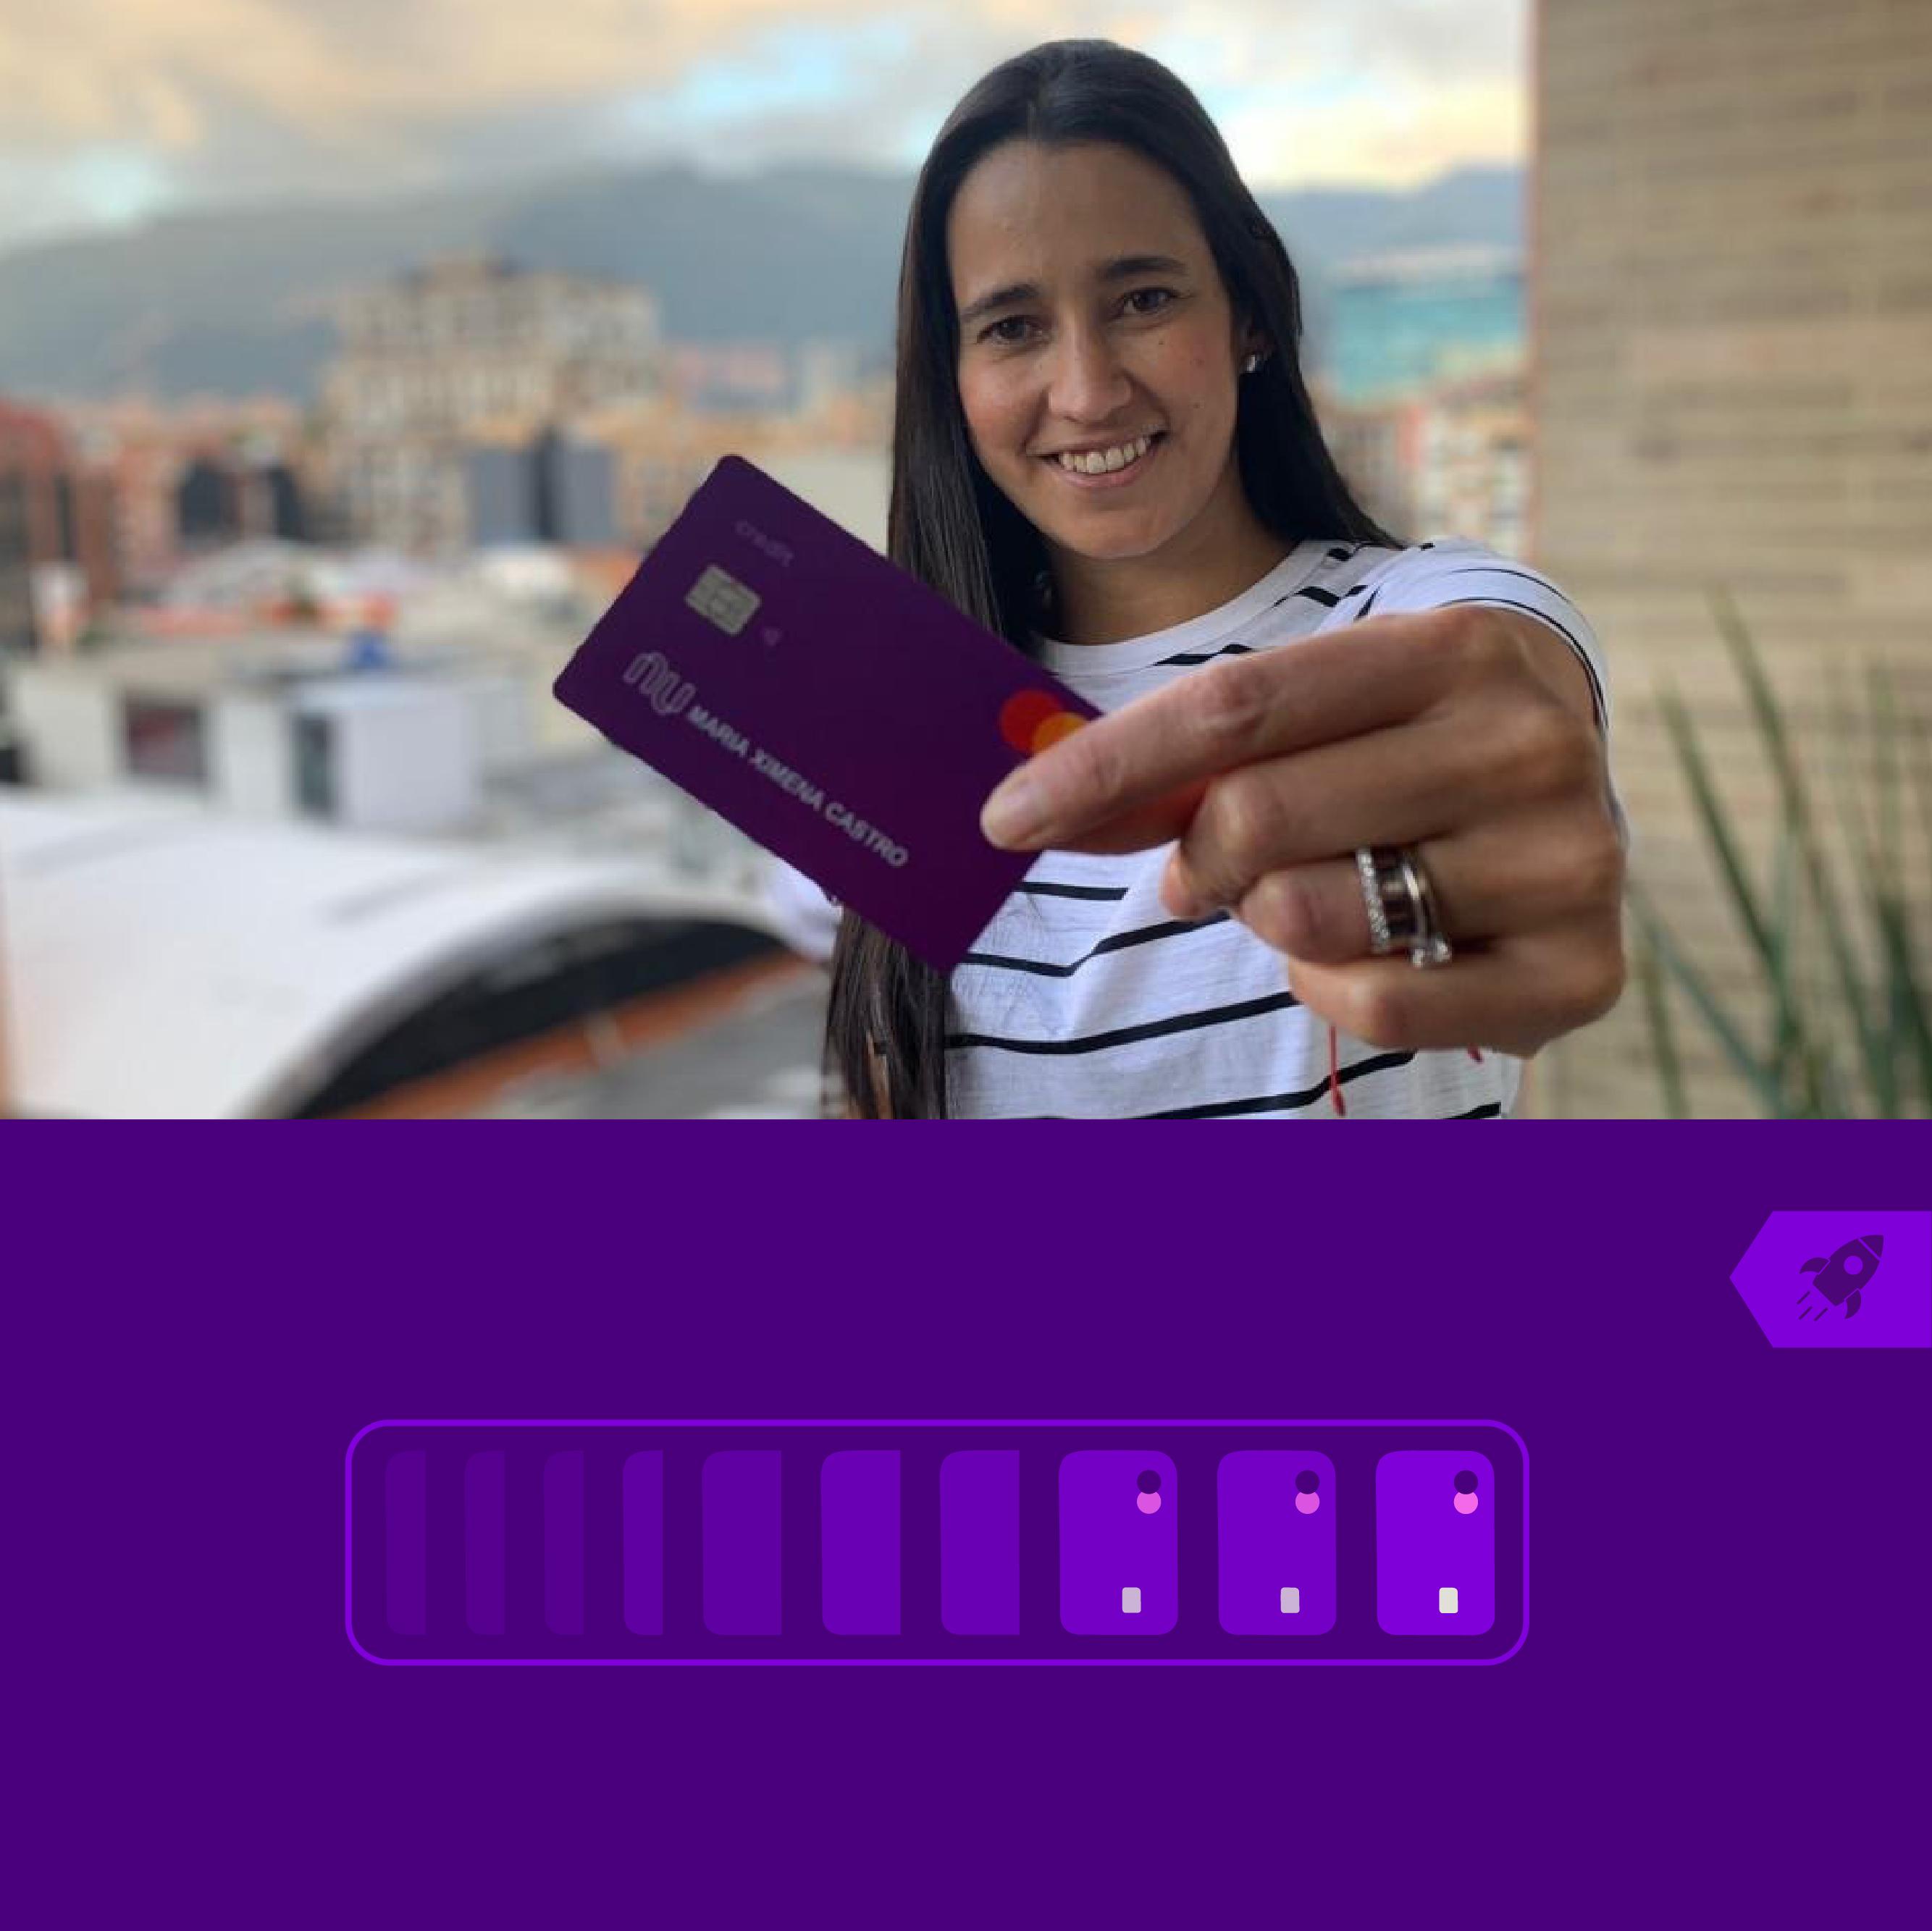 Ximena Castro, Gerente de Marketing de Nu, sostiene la moradita mientras se toma una selfie con el sol escabulléndose de las nubes detrás de ella.